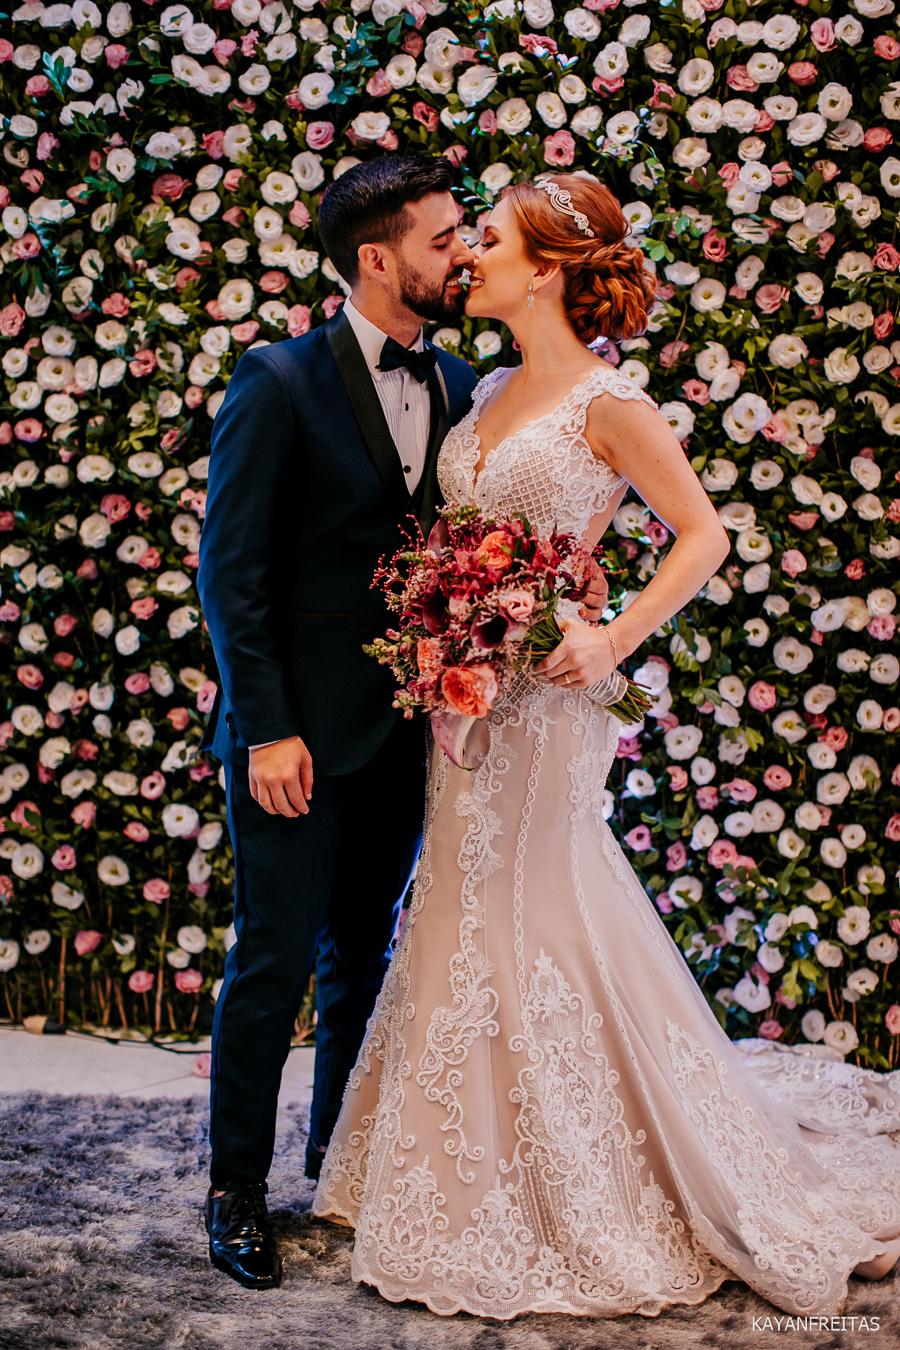 fotografo-casamento-floripa-0096 Fotografia de Casamento - Caroline e Eduardo